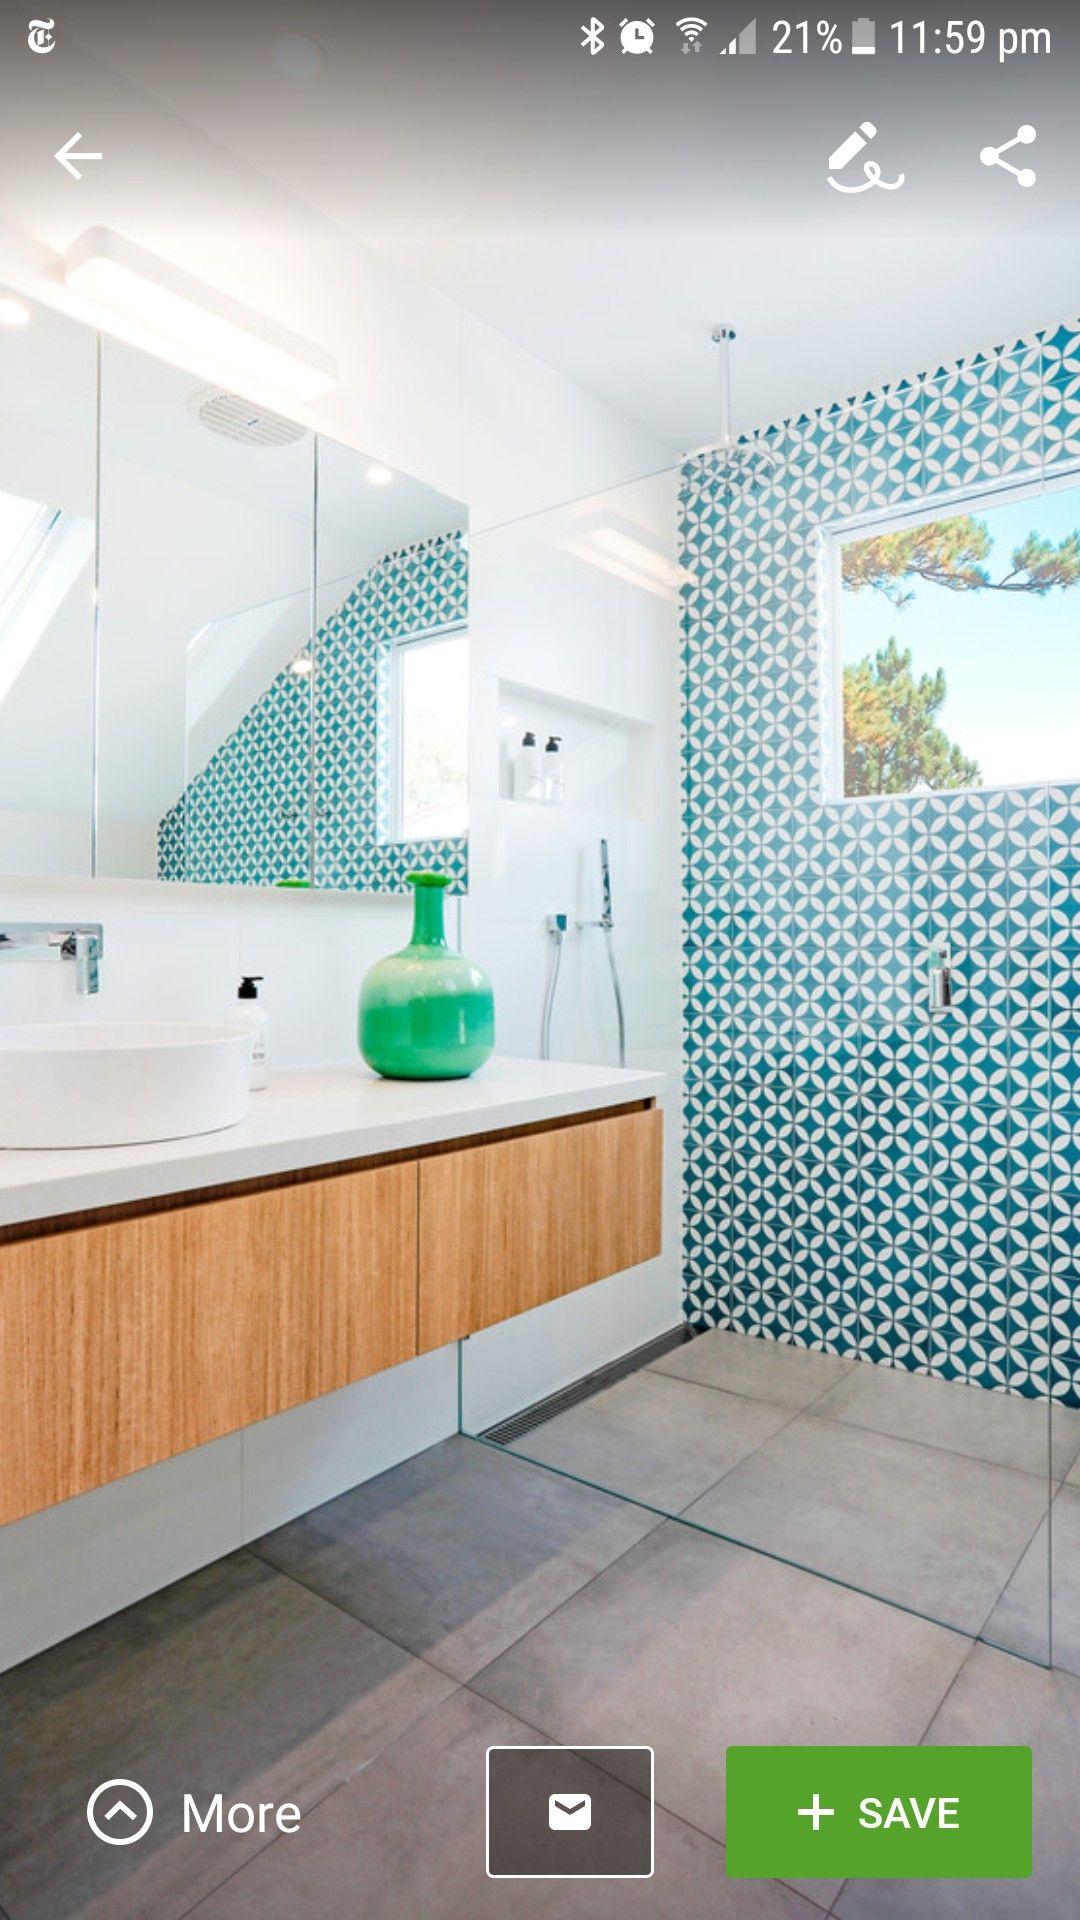 Badezimmer ideen klein grau pin von annelie auf badezimmer  pinterest  badezimmer badezimmer